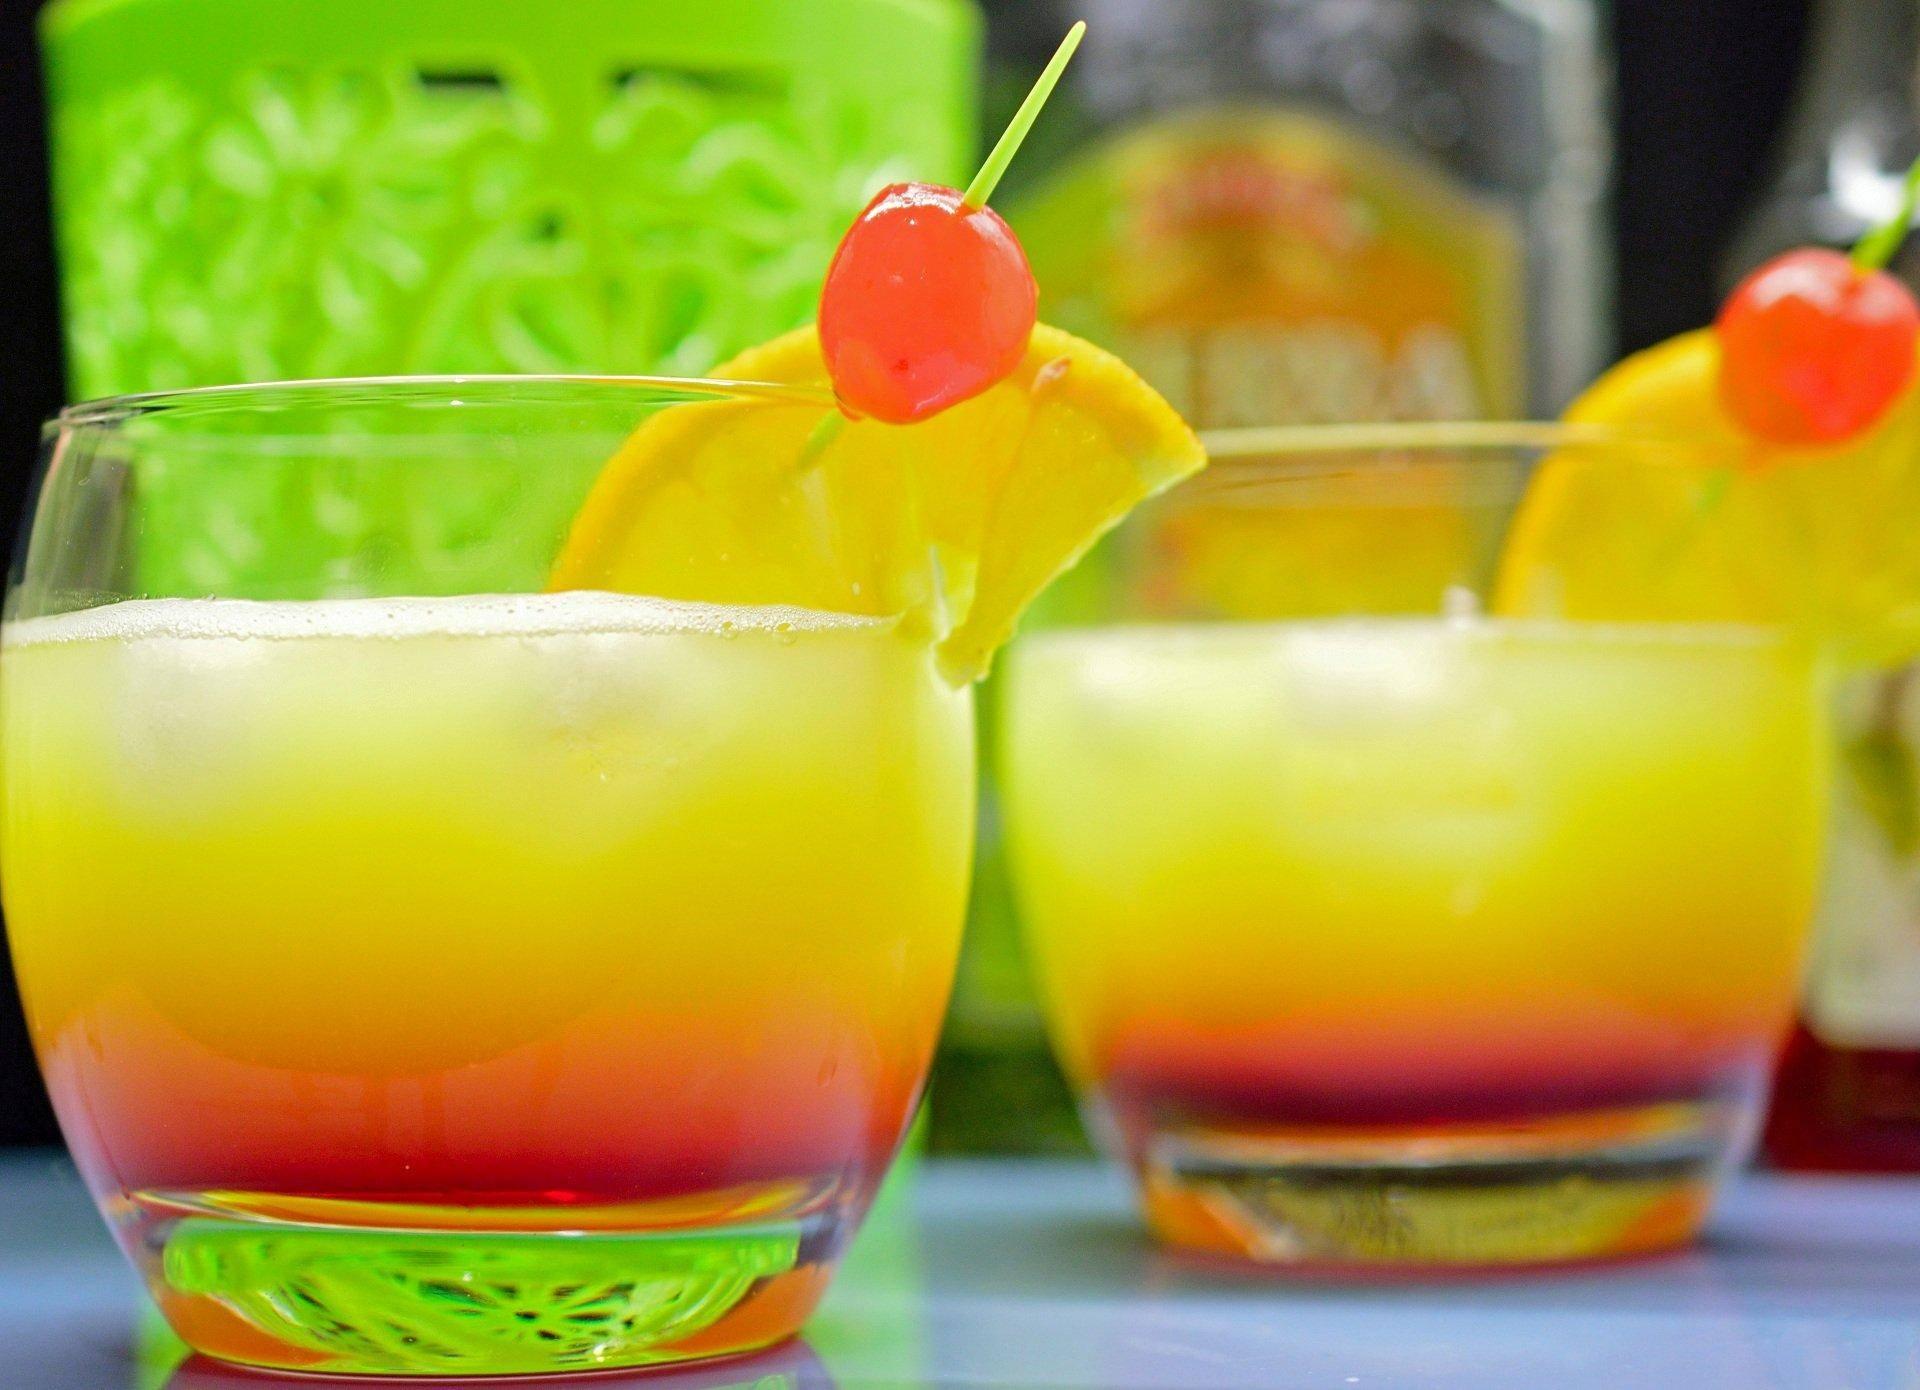 Текила санрайз: рецепт коктейля для приготовления в домашних условиях, состав, пропорции, как правильно пить